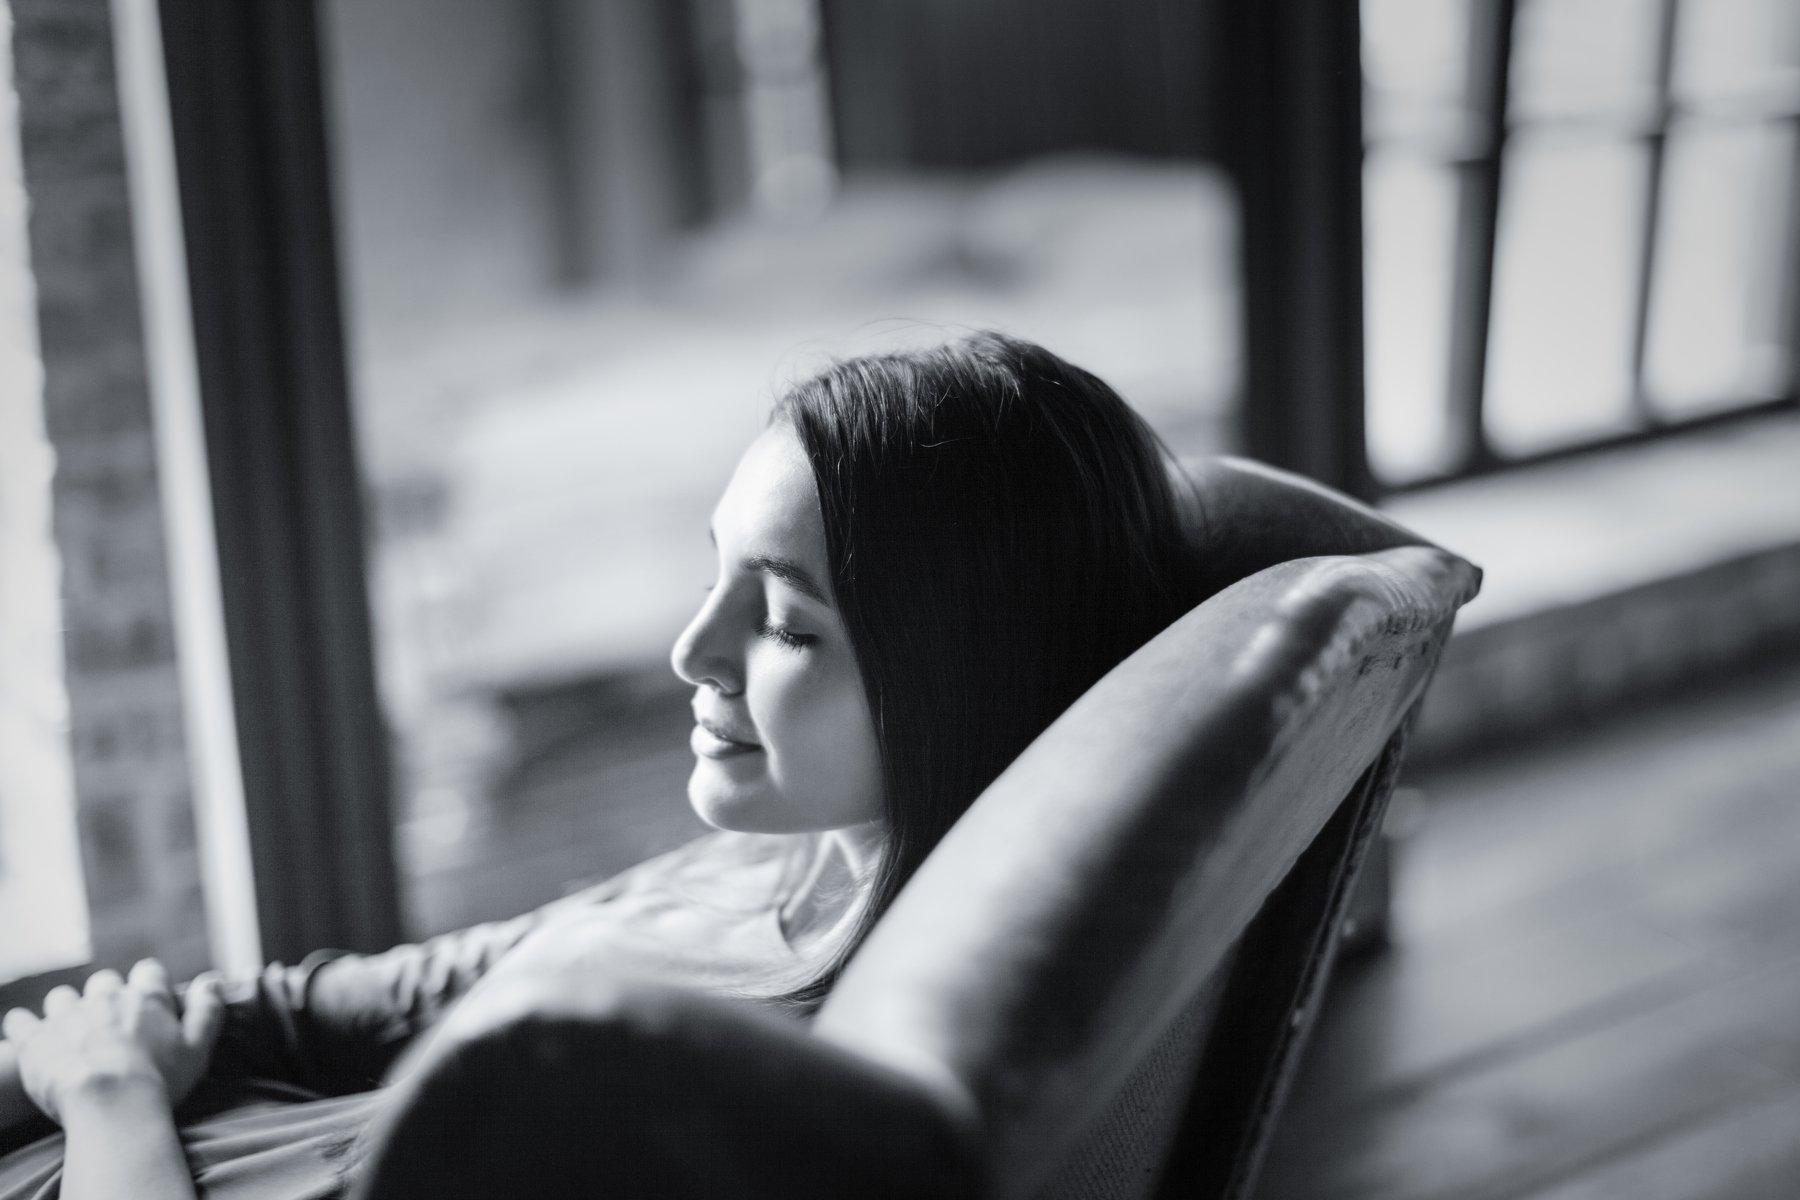 Портрет, женский портрет, студийная фотография, постановочная фотография, fine art, Григорий Мальнёв